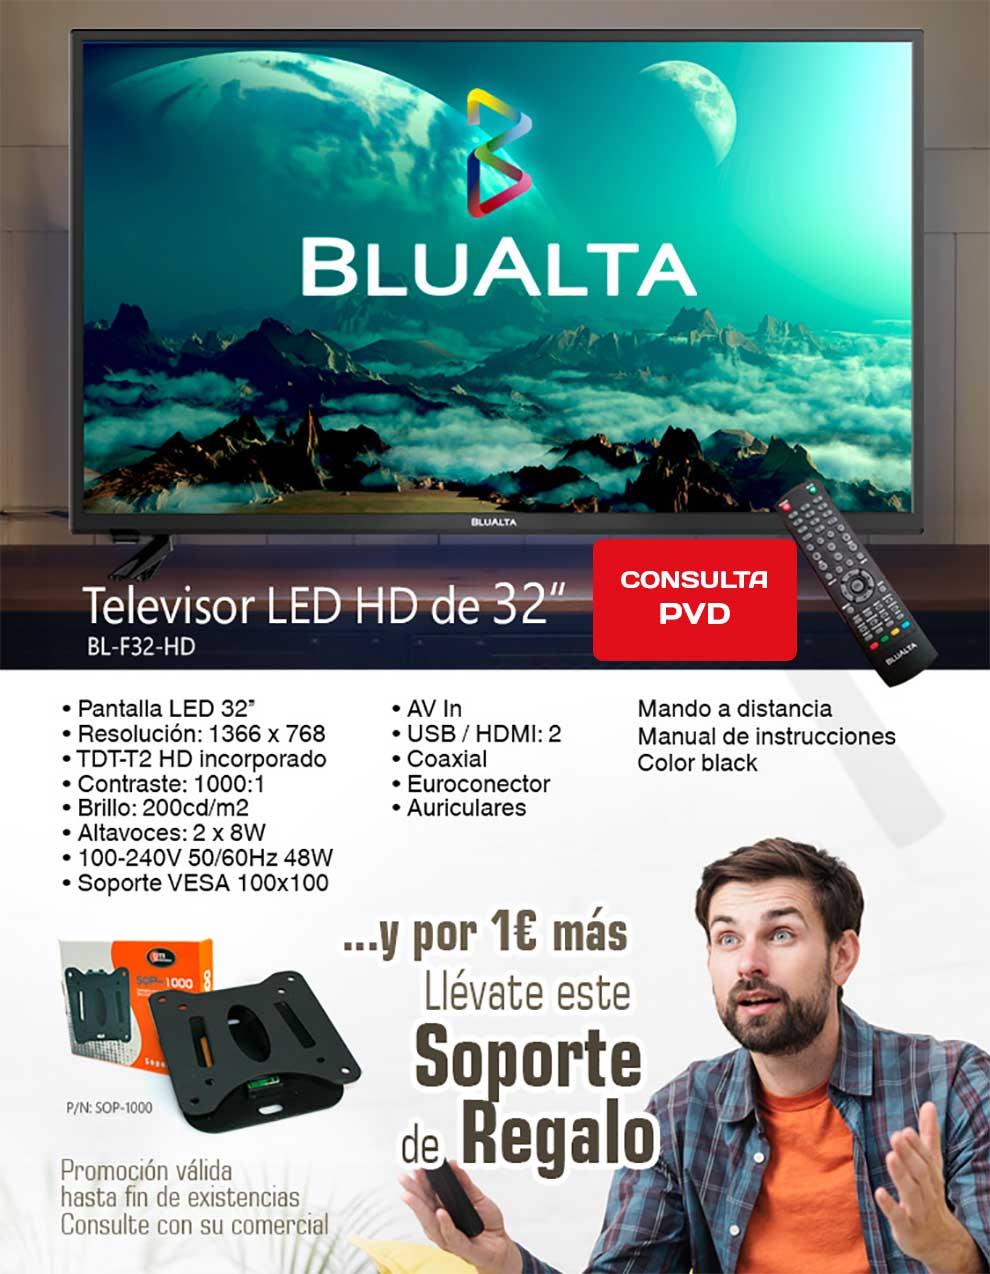 tv 32 pulgadas con soporte de regalo